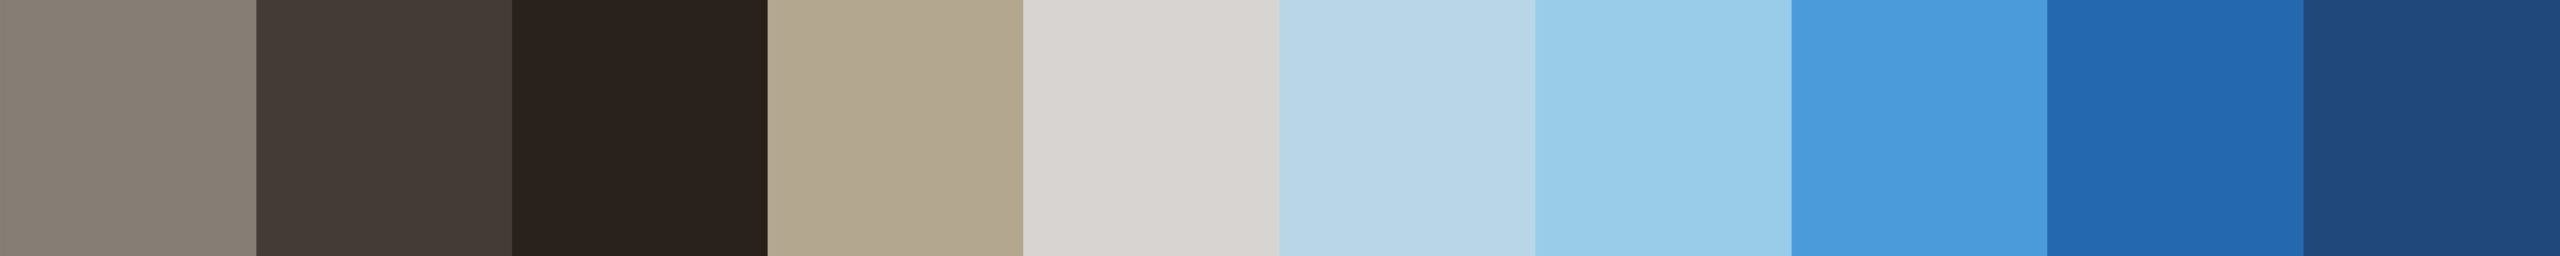 170 Veazapia Color Palette